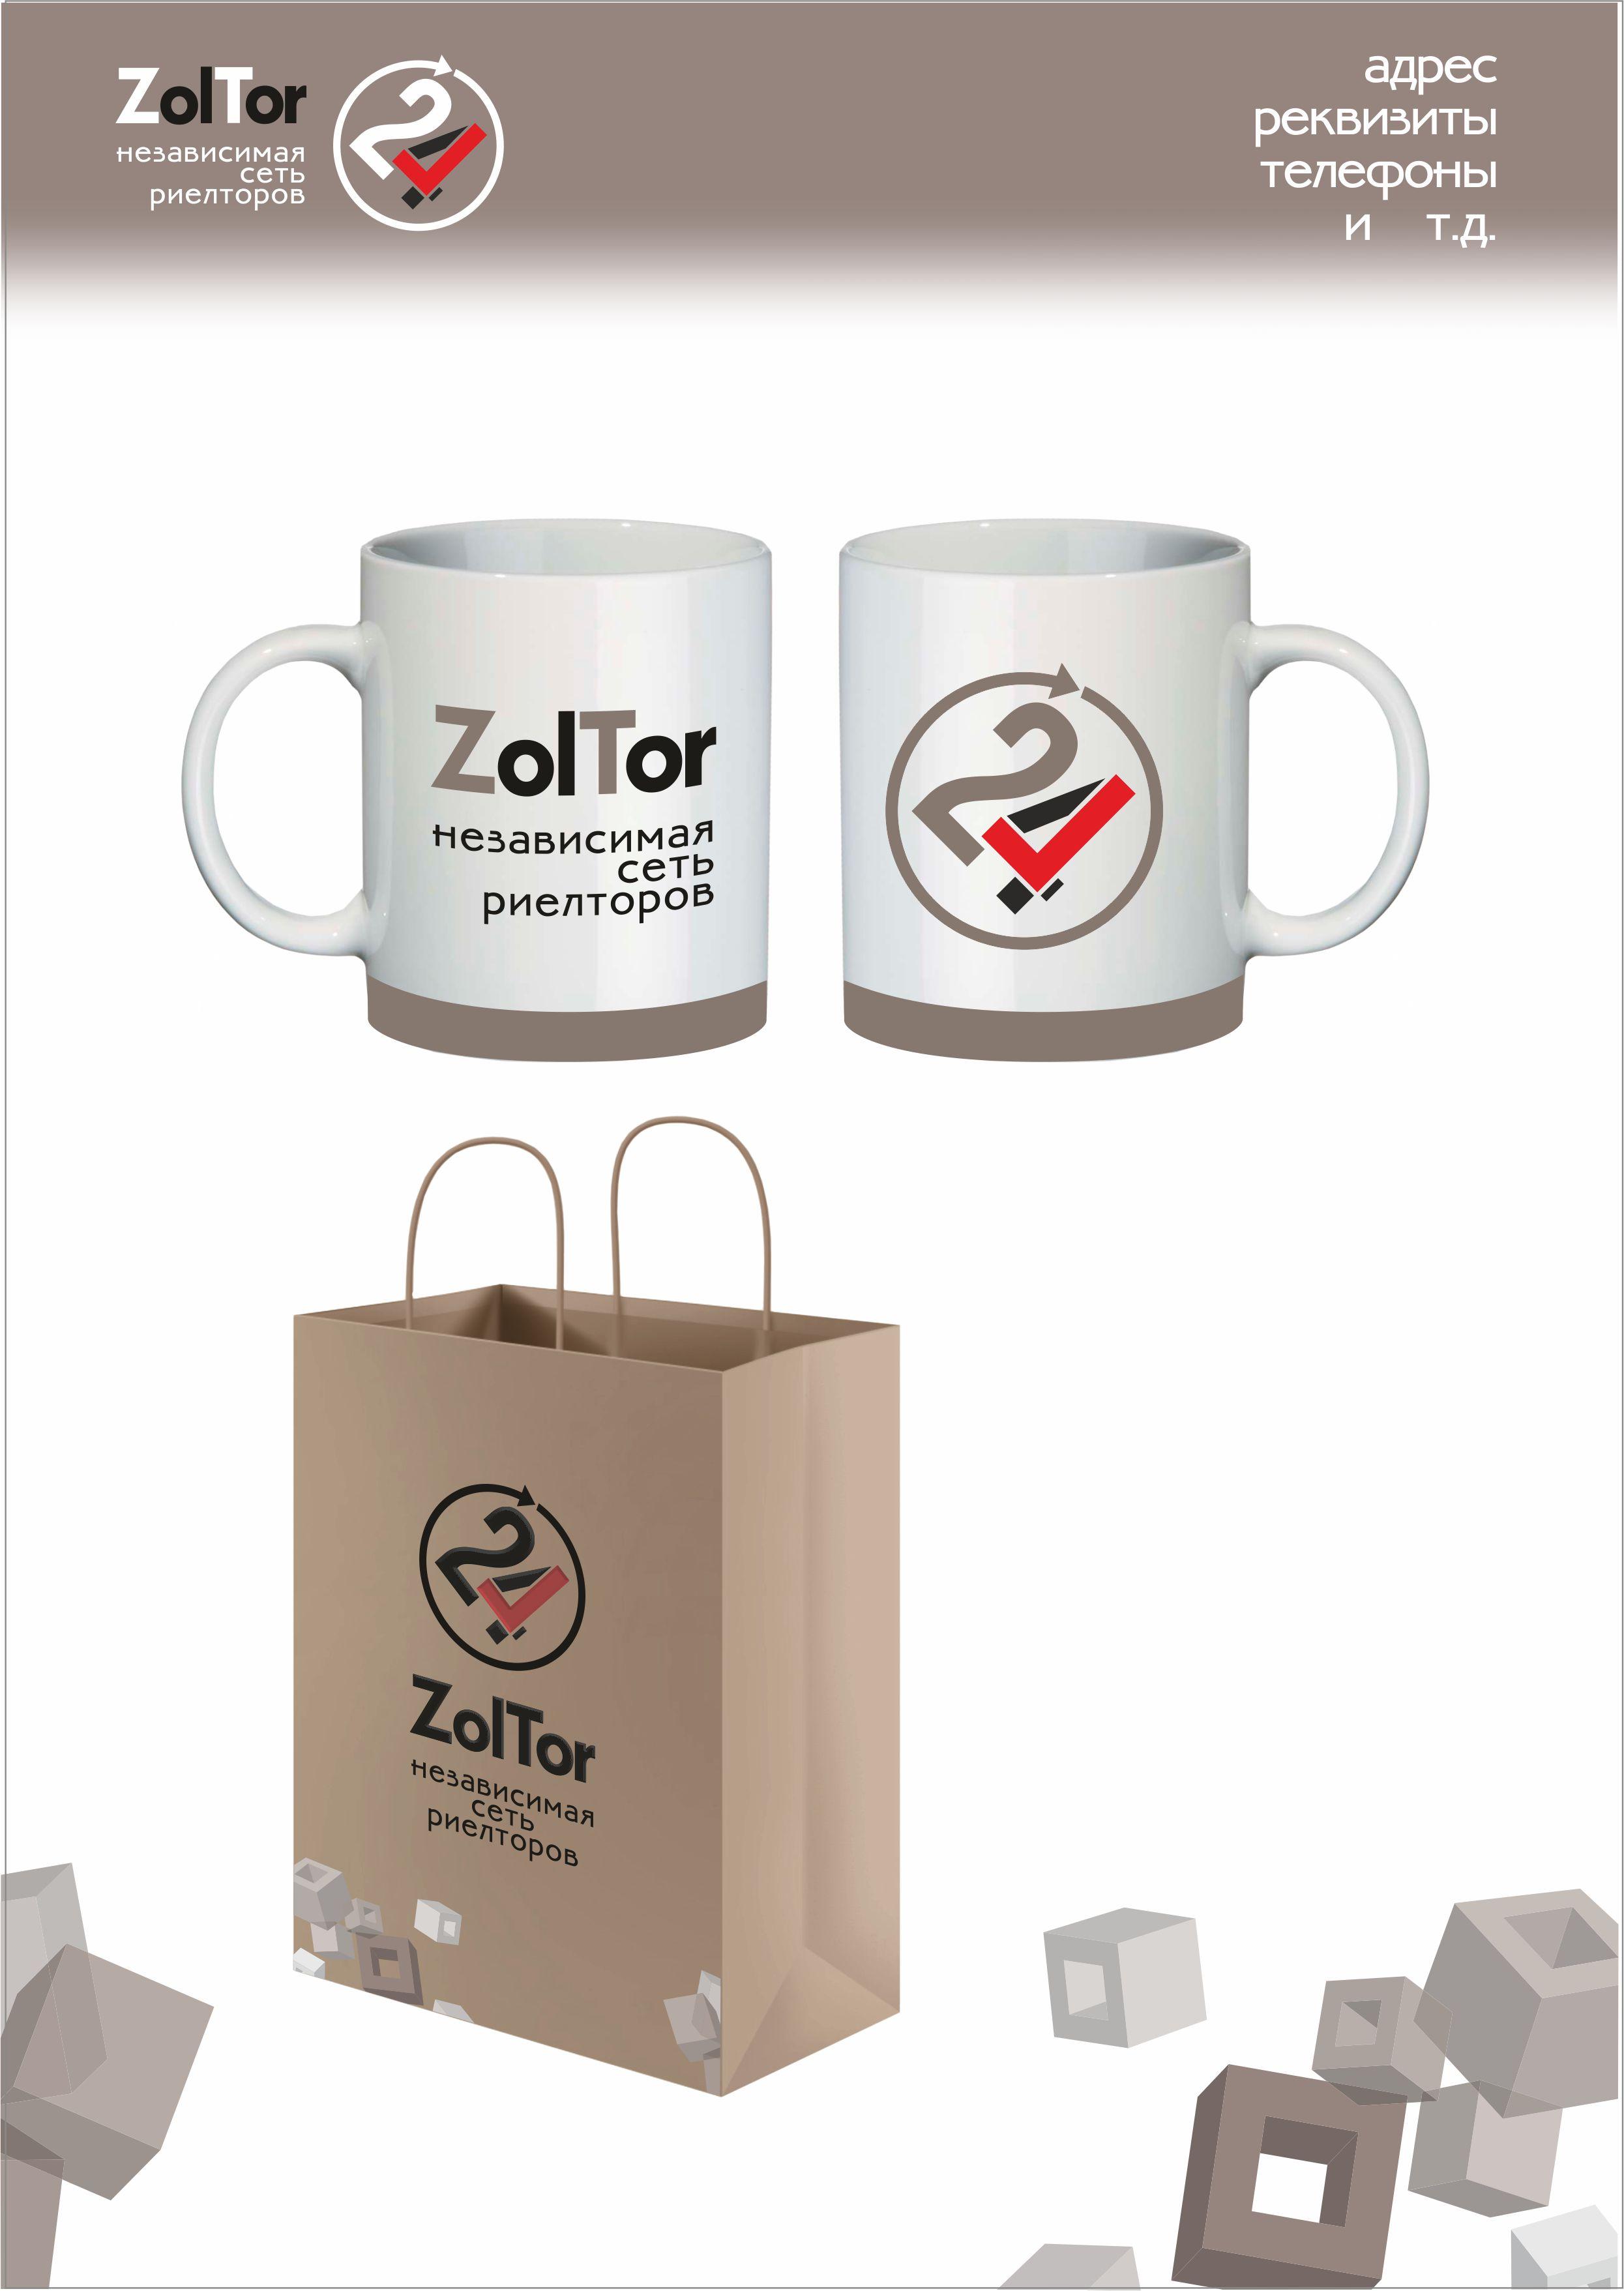 Логотип и фирменный стиль ZolTor24 фото f_5865c8b8e41c5a90.jpg